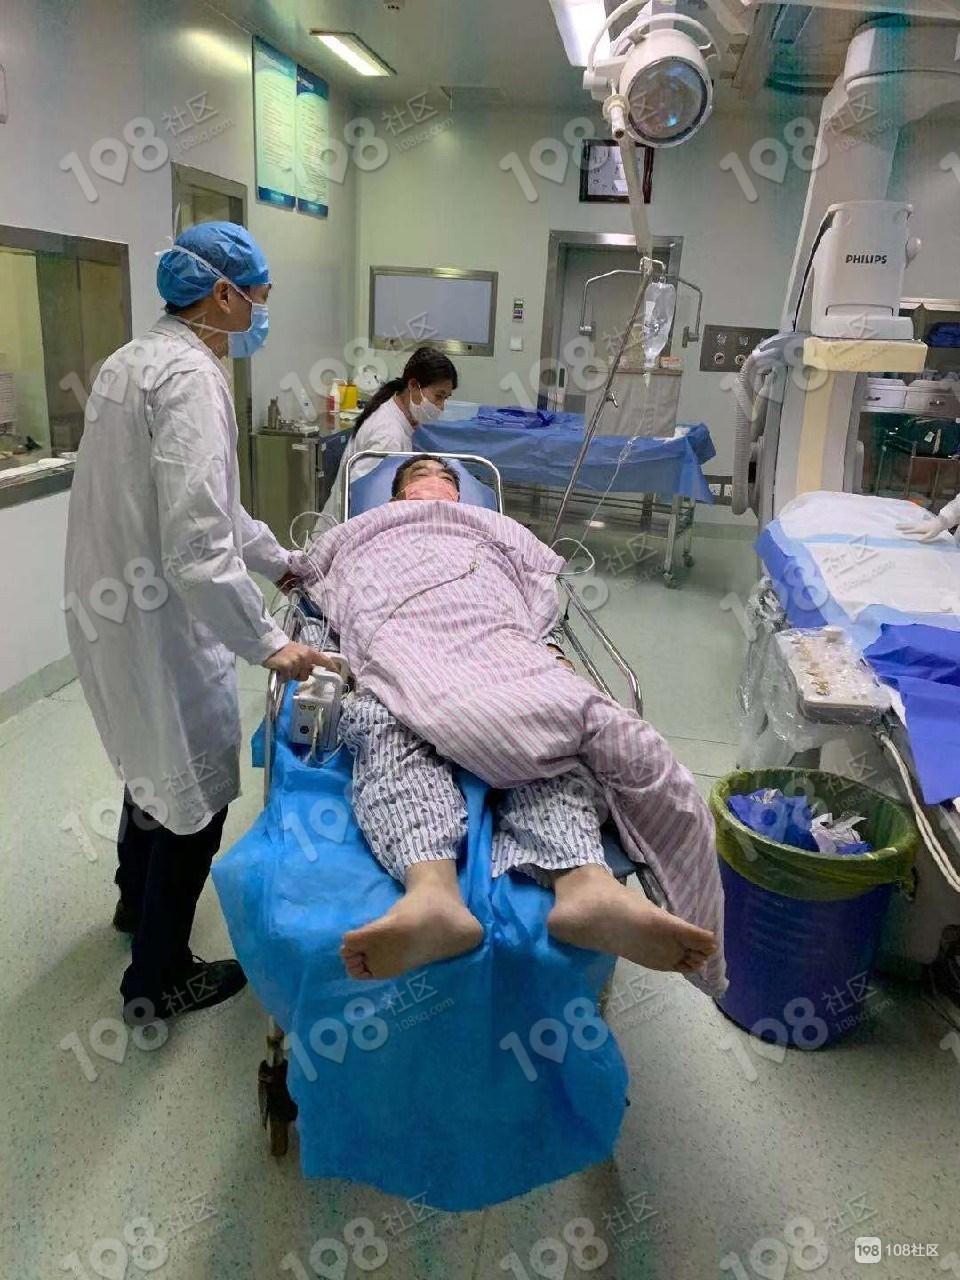 翡翠山物业经理防疫中突然晕倒,被送杭州紧急抢救…